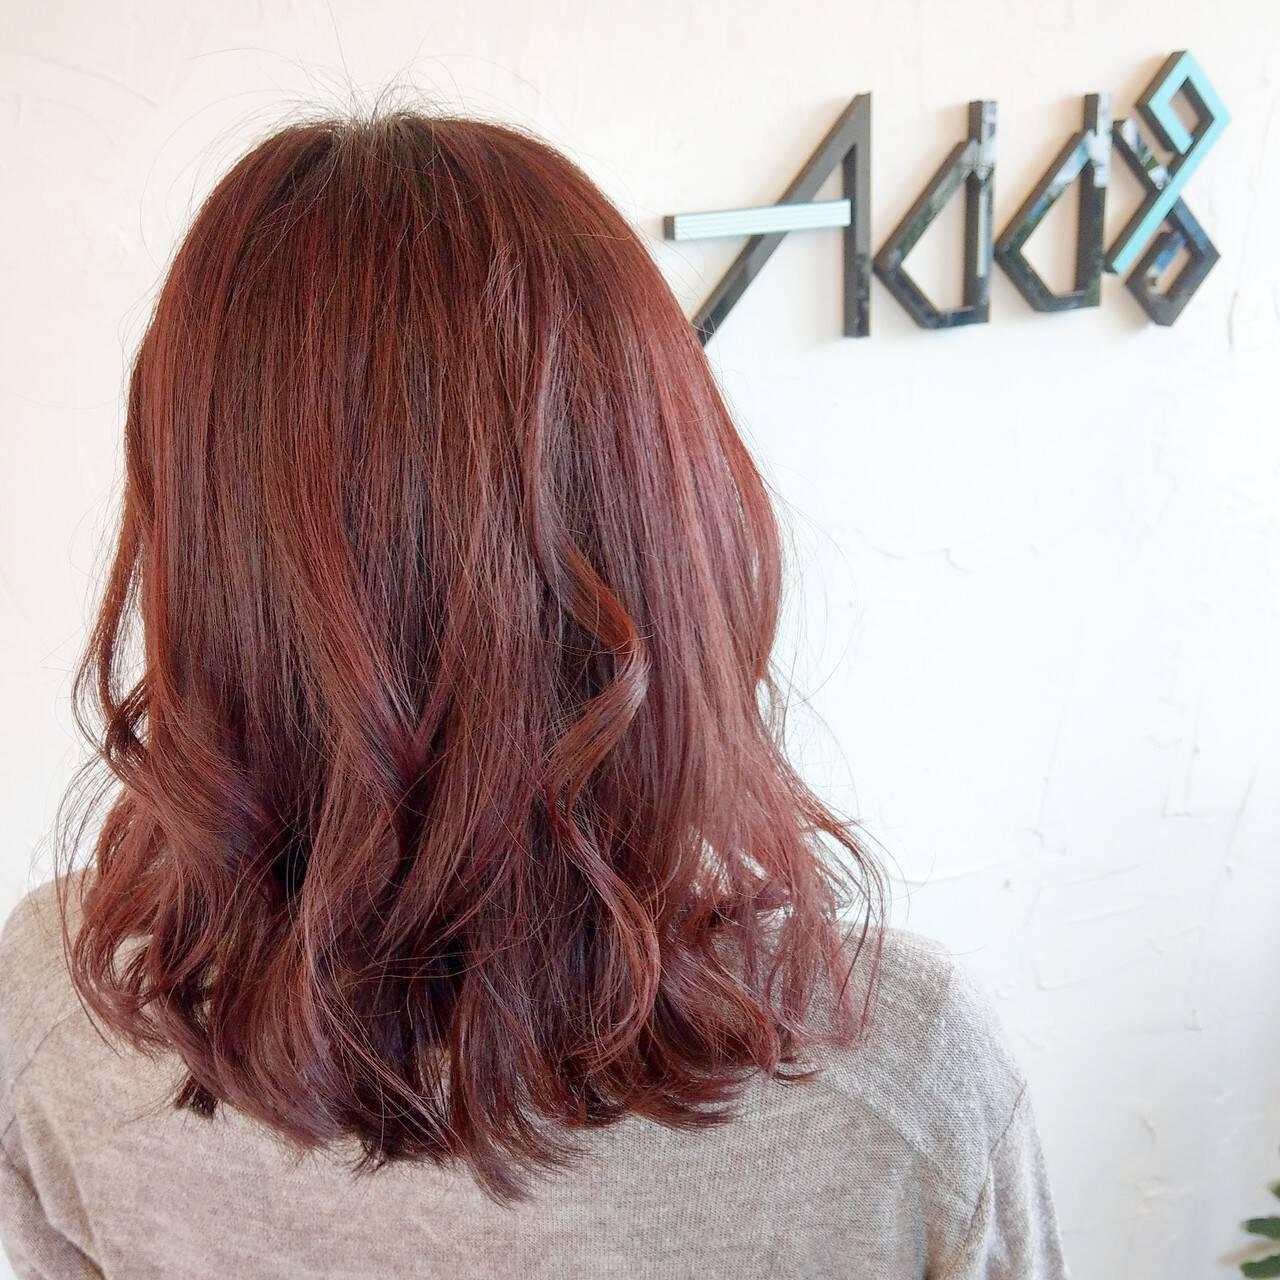 エレガント 韓国ヘア ラズベリーピンク ミディアムヘアスタイルや髪型の写真・画像